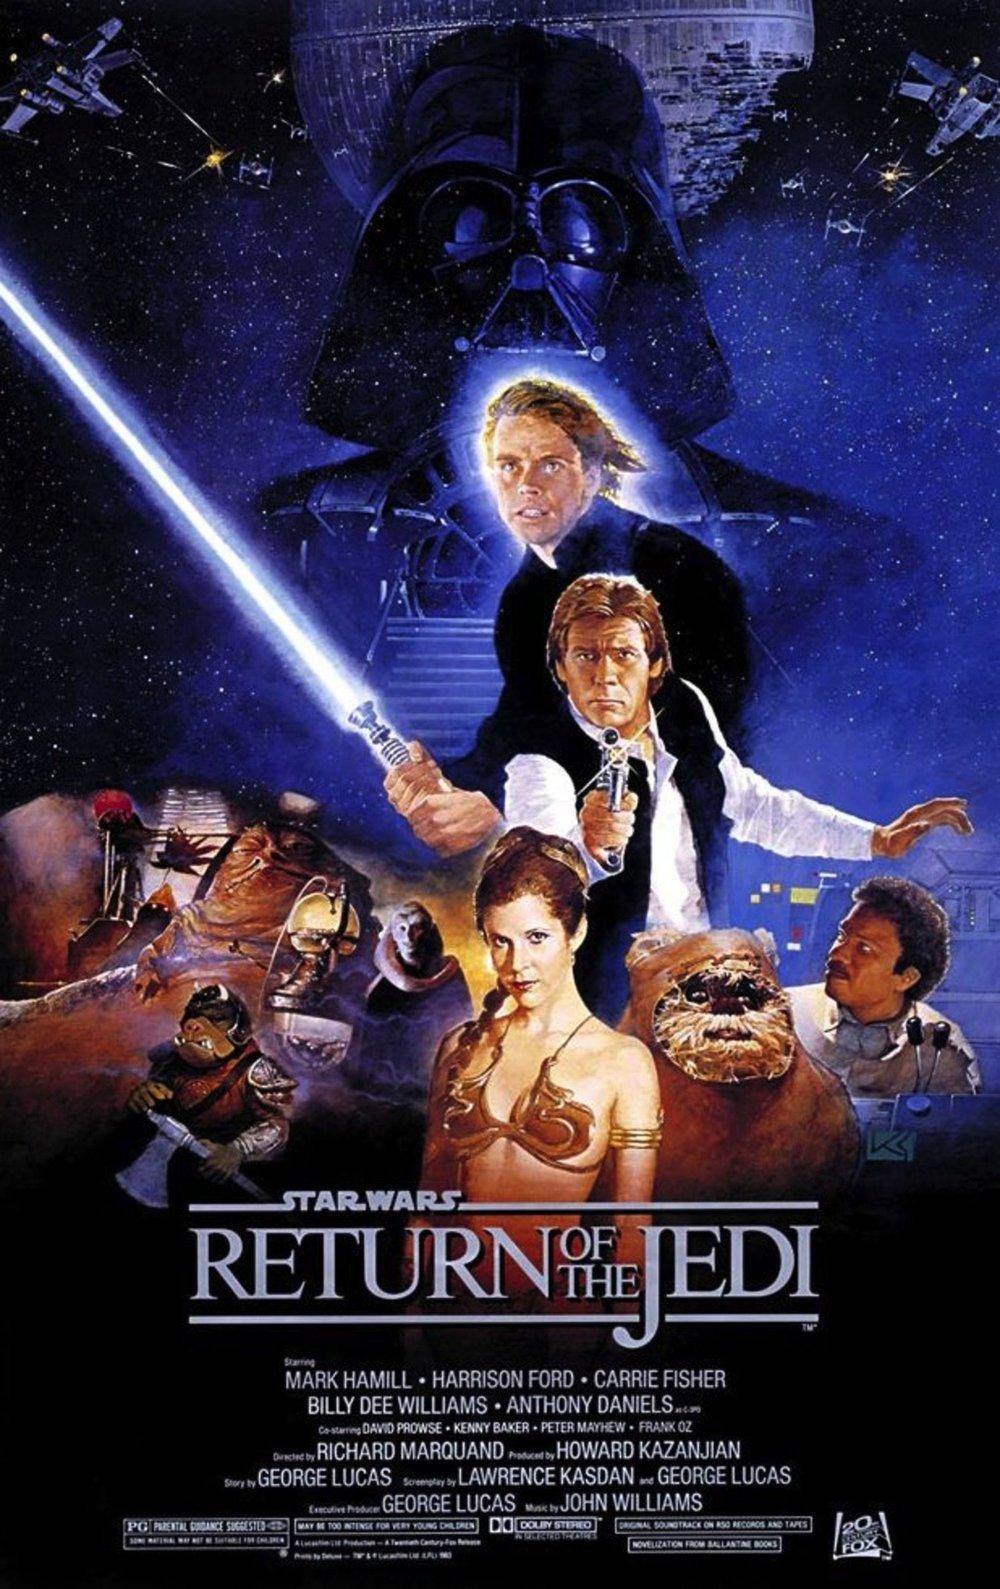 Ep VI: Return of the Jedi